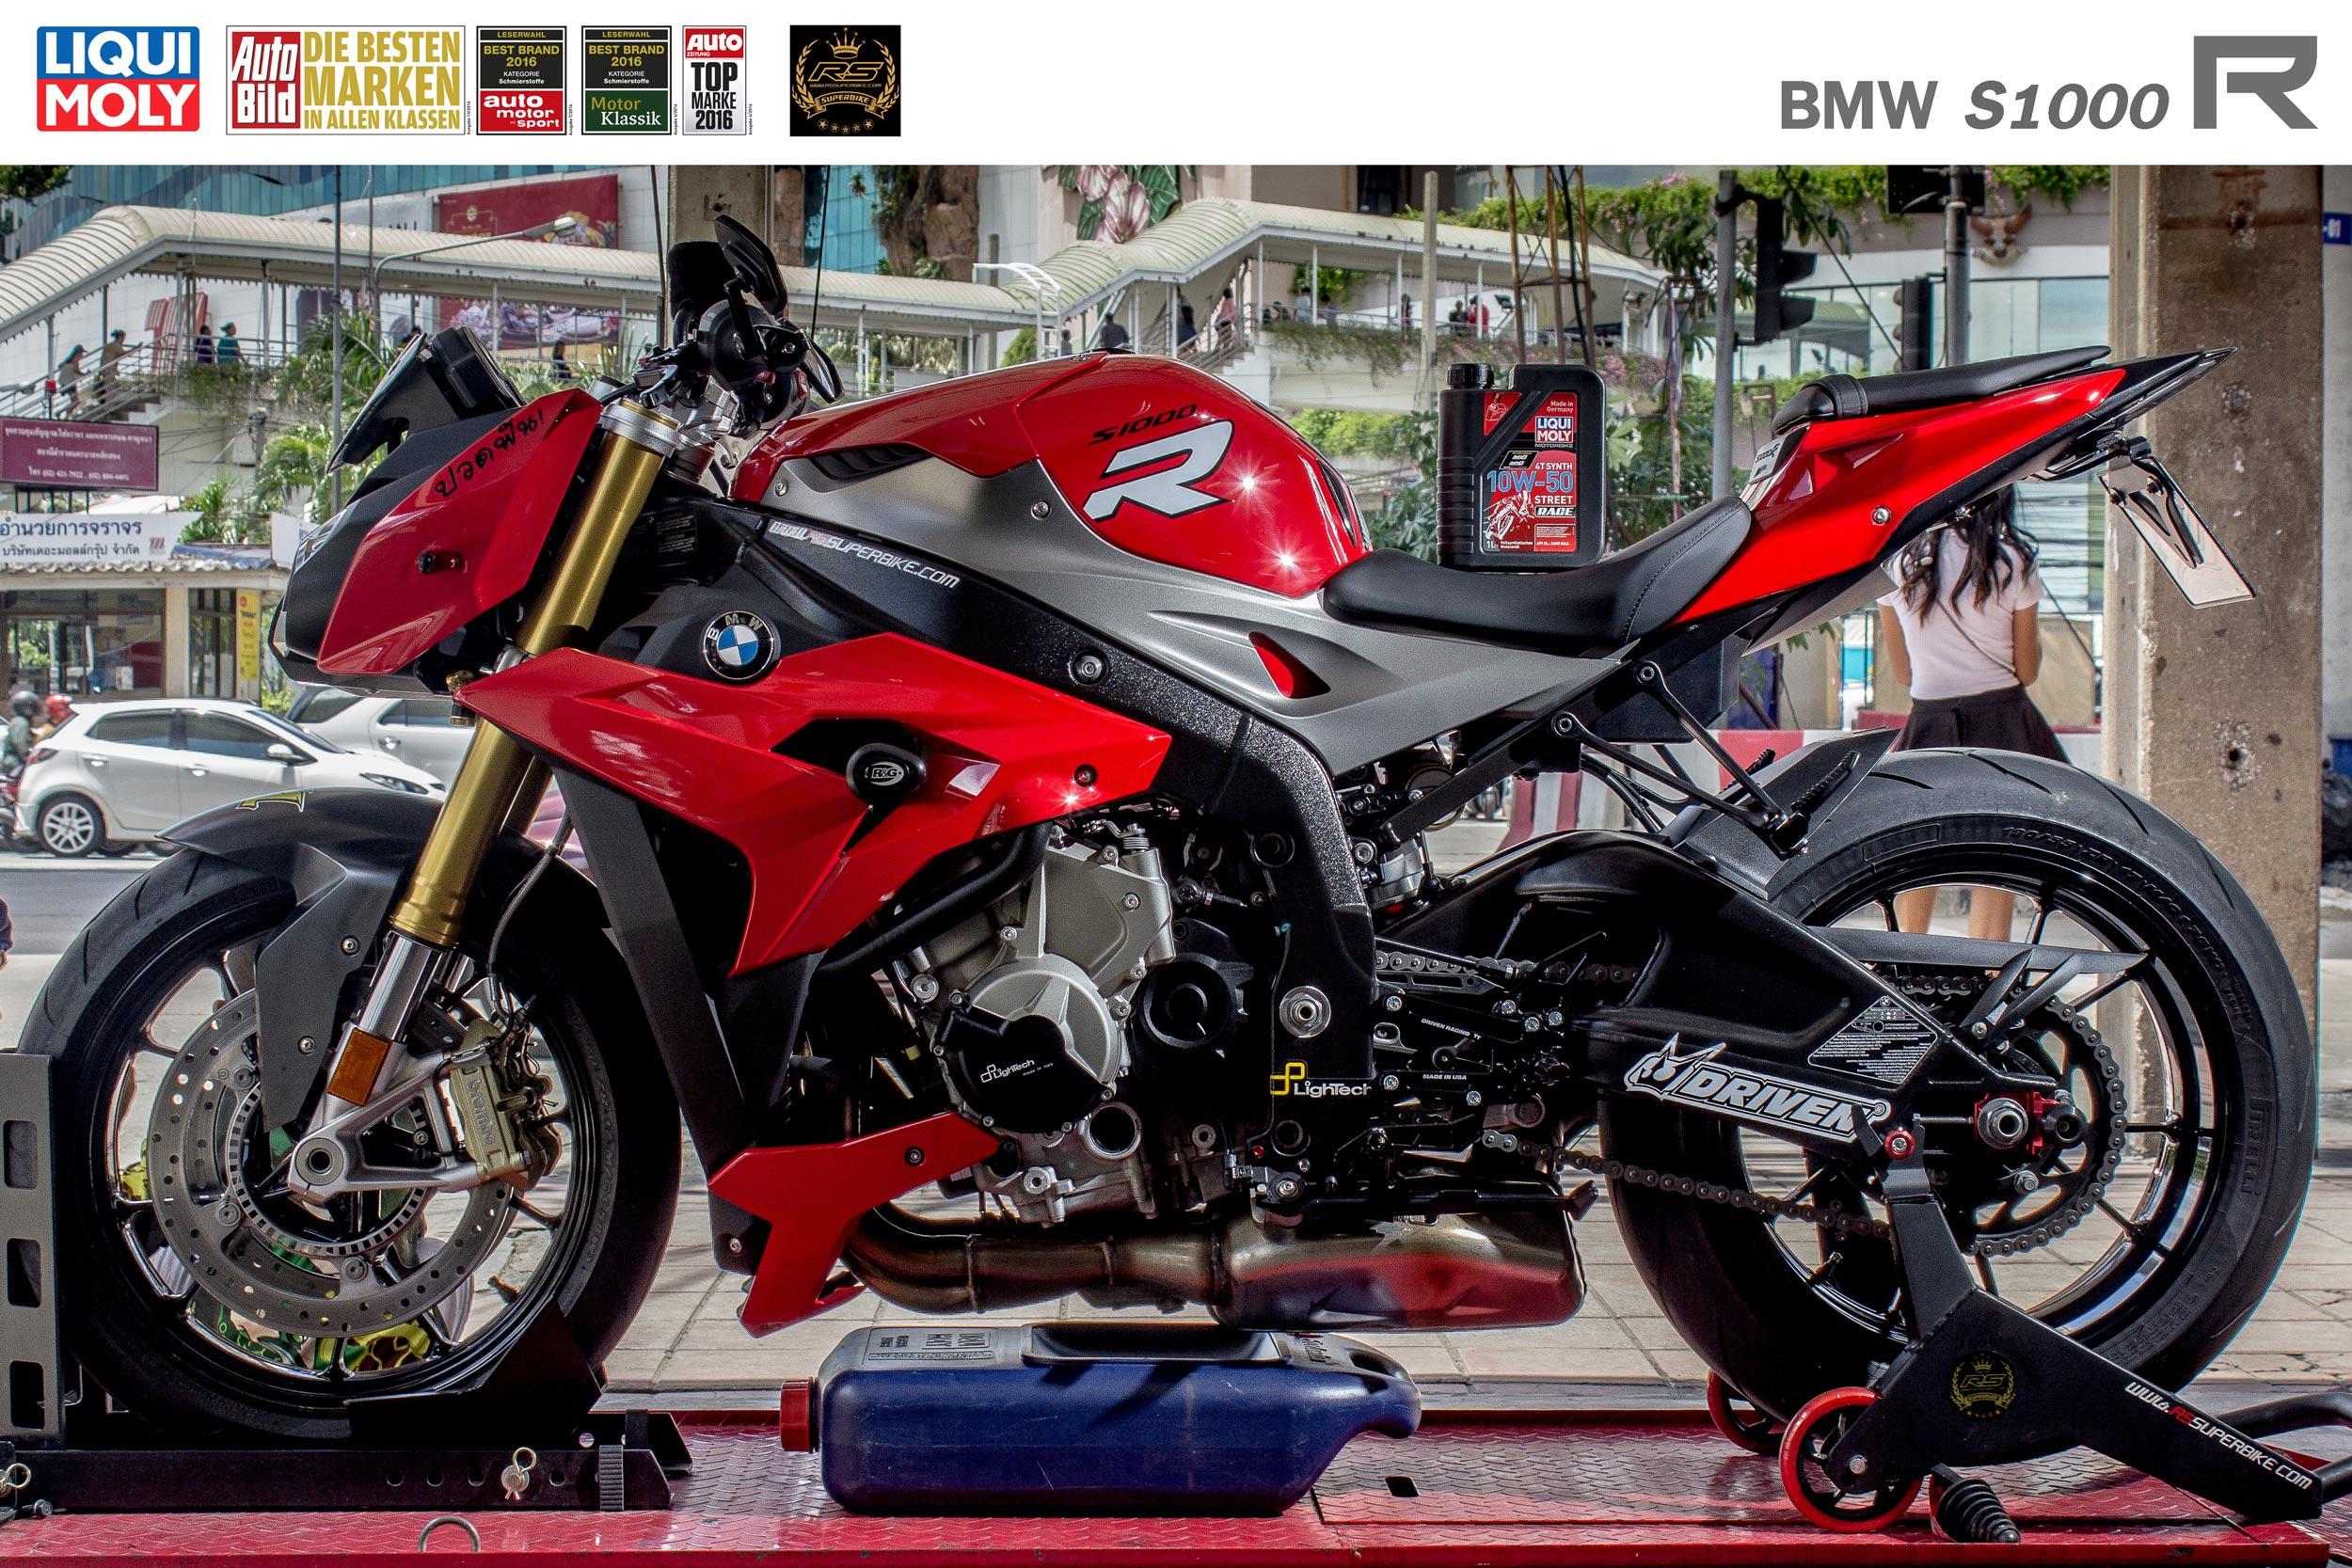 liqui moly liquimoly liqui moly thai rssuperbike rs superbike bmw s1000r